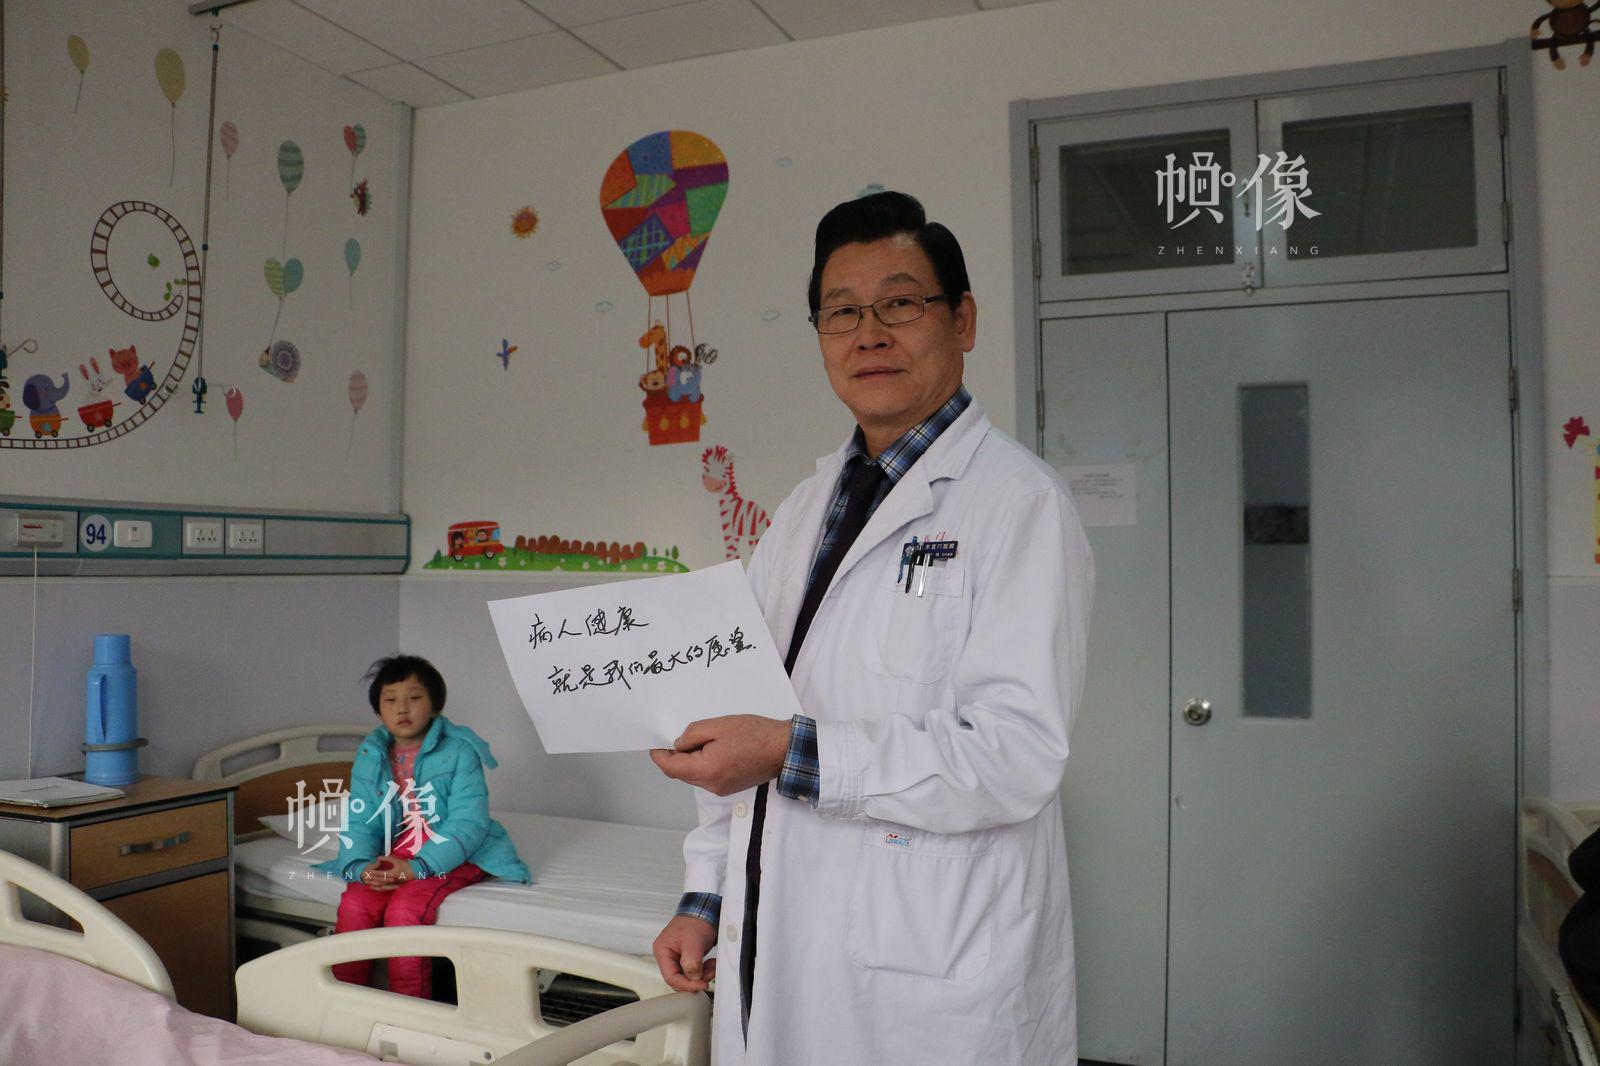 图为北京中医药大学东直门医院骨科主任徐林。中国网记者 王怀荣摄